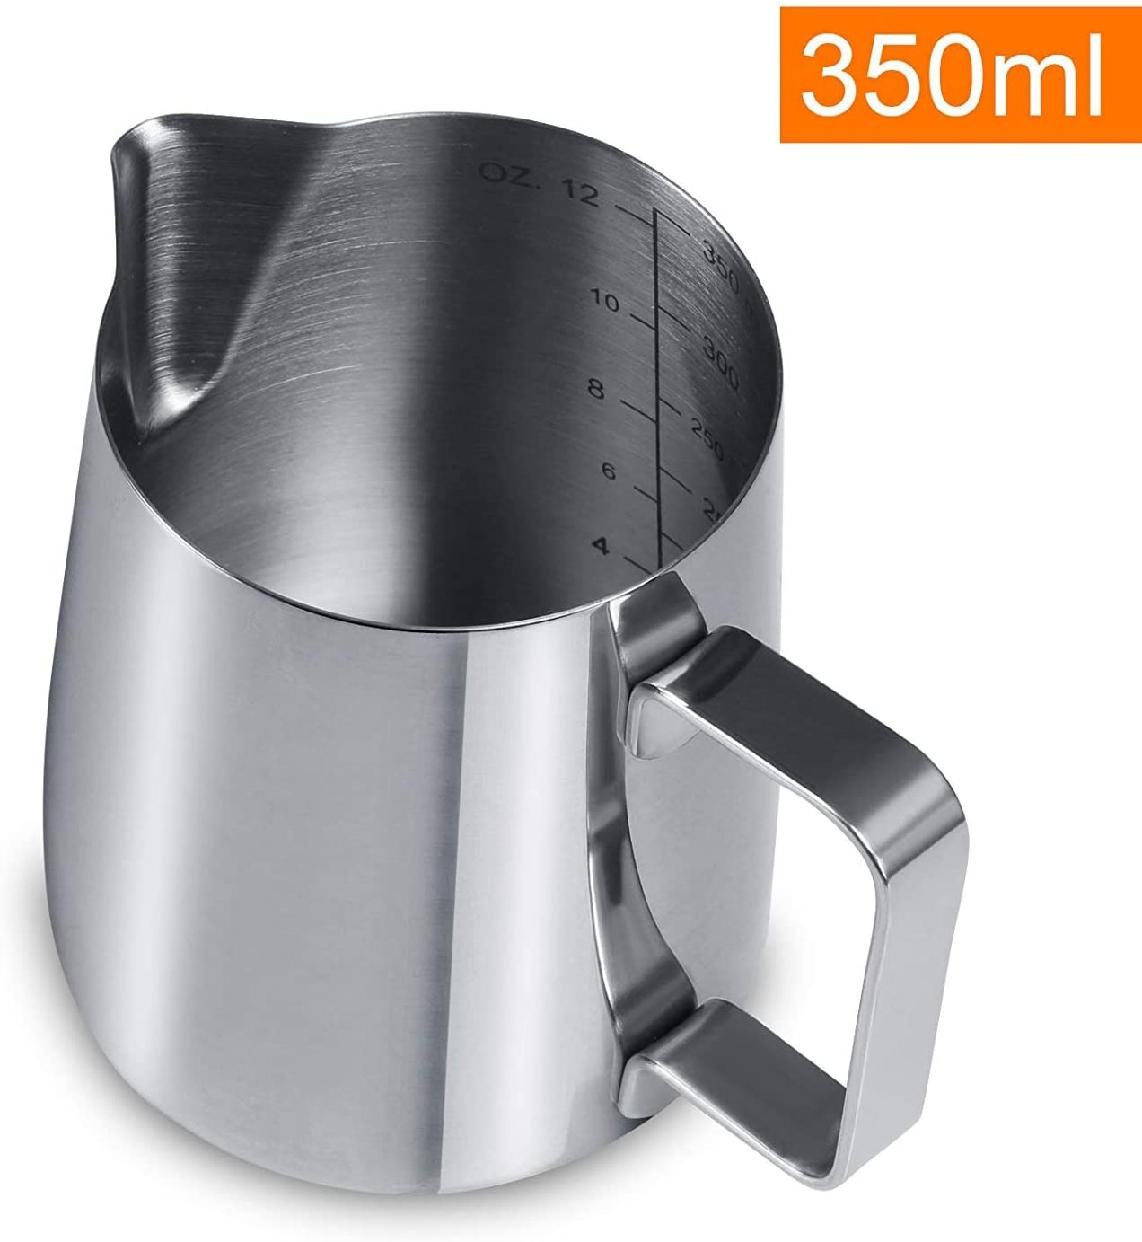 GWHOLE(ジホール)ミルクピッチャー ステンレス製 350ml シルバーの商品画像3